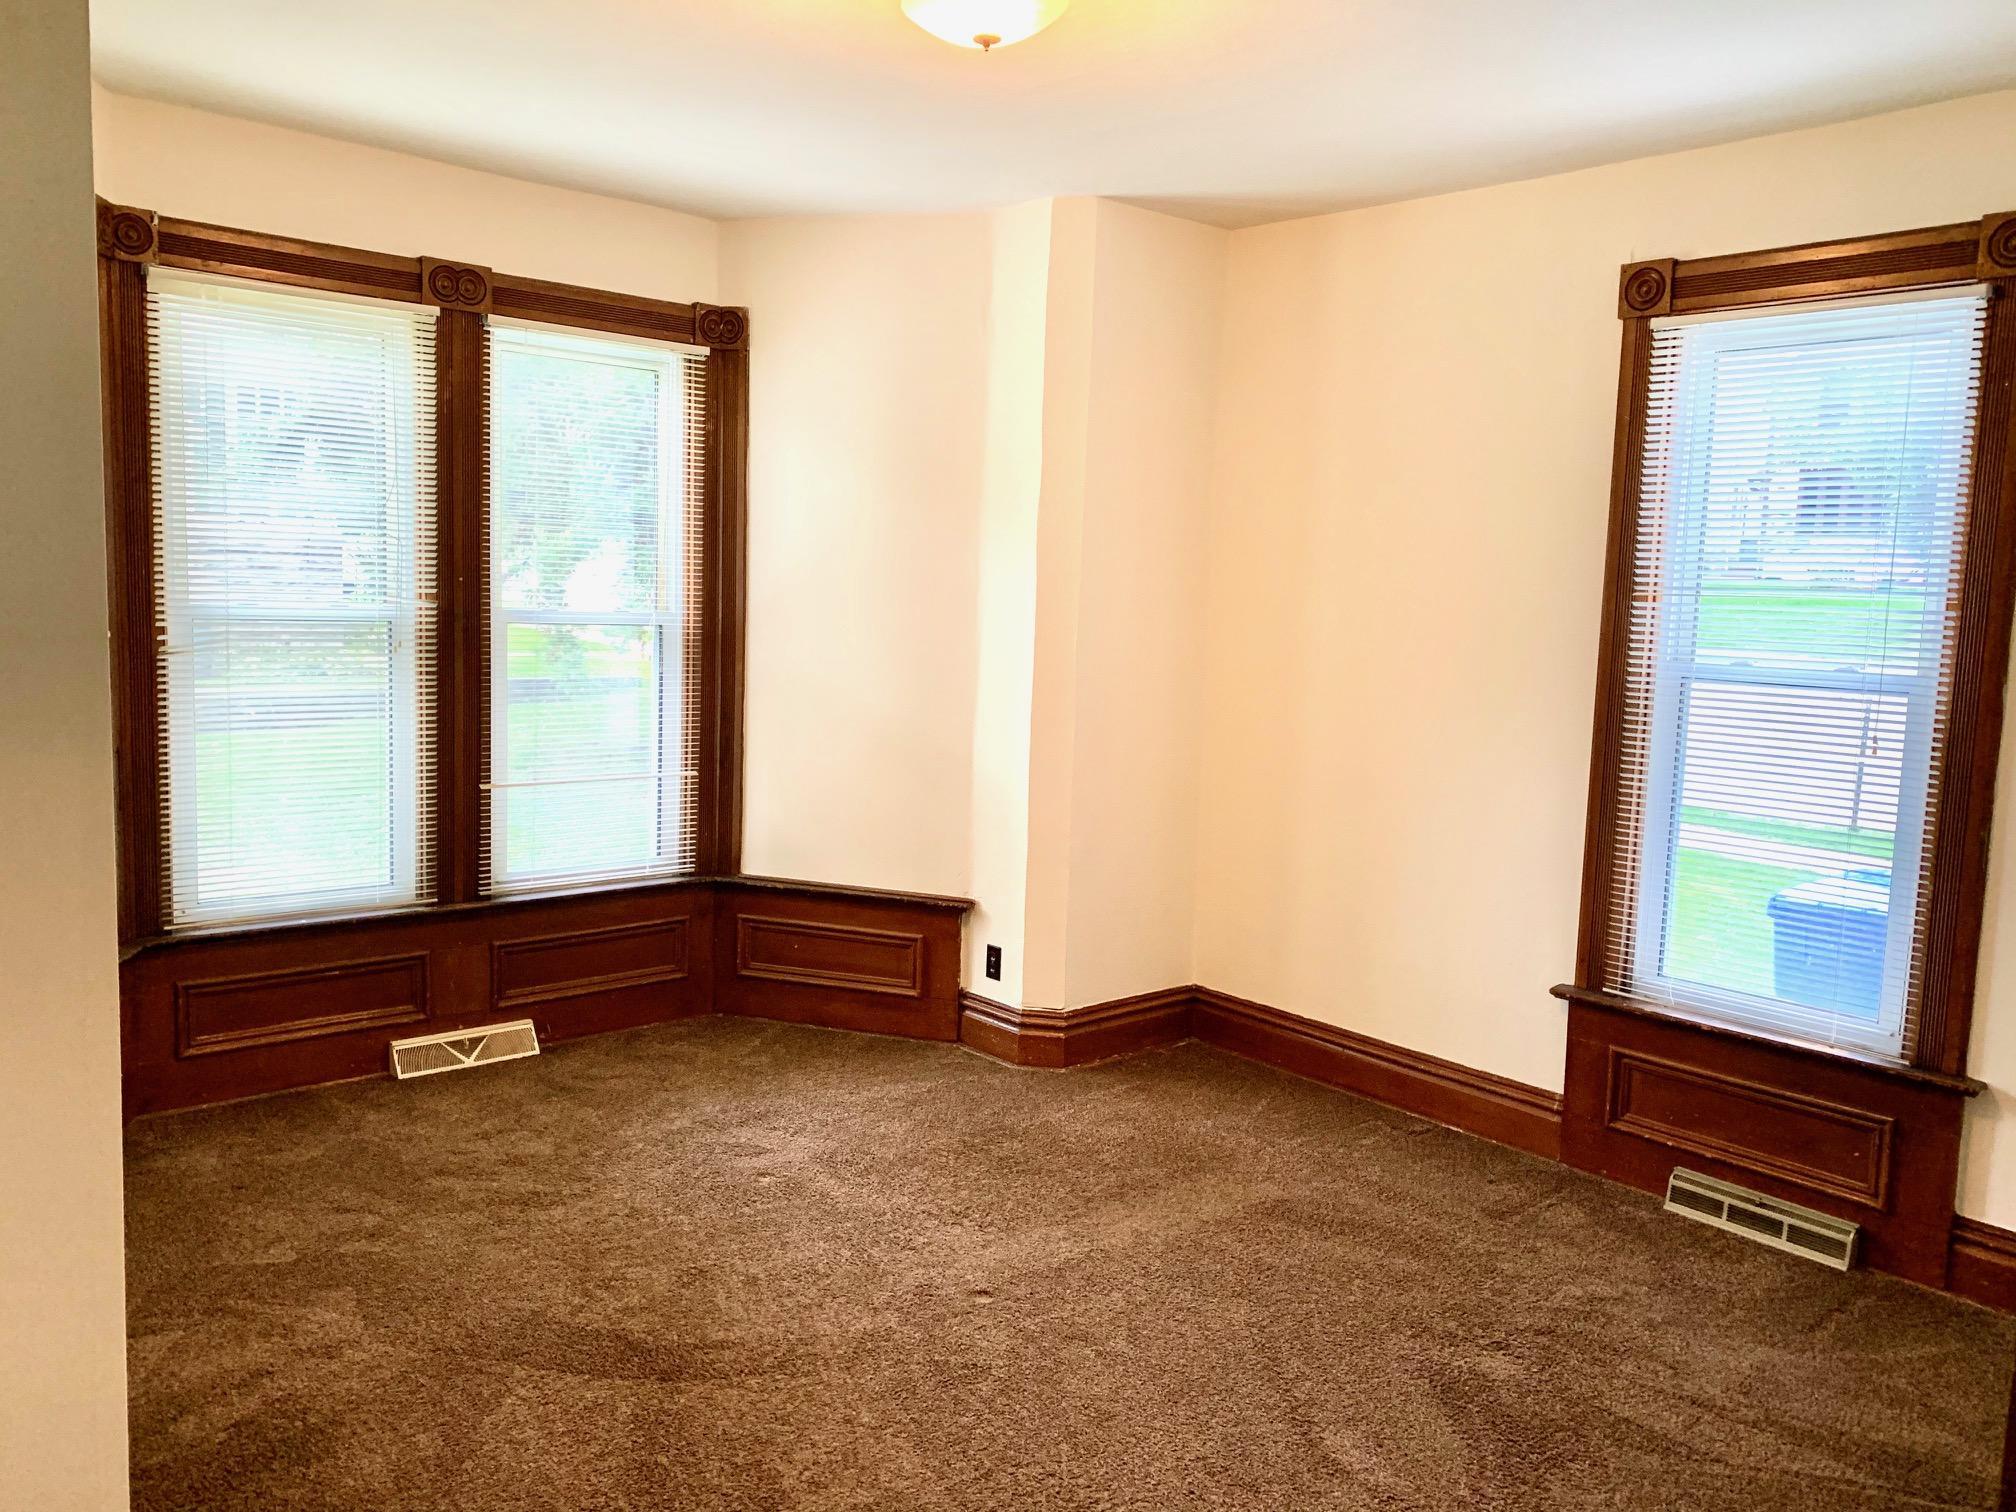 309 N Church St pic lower apartment 8